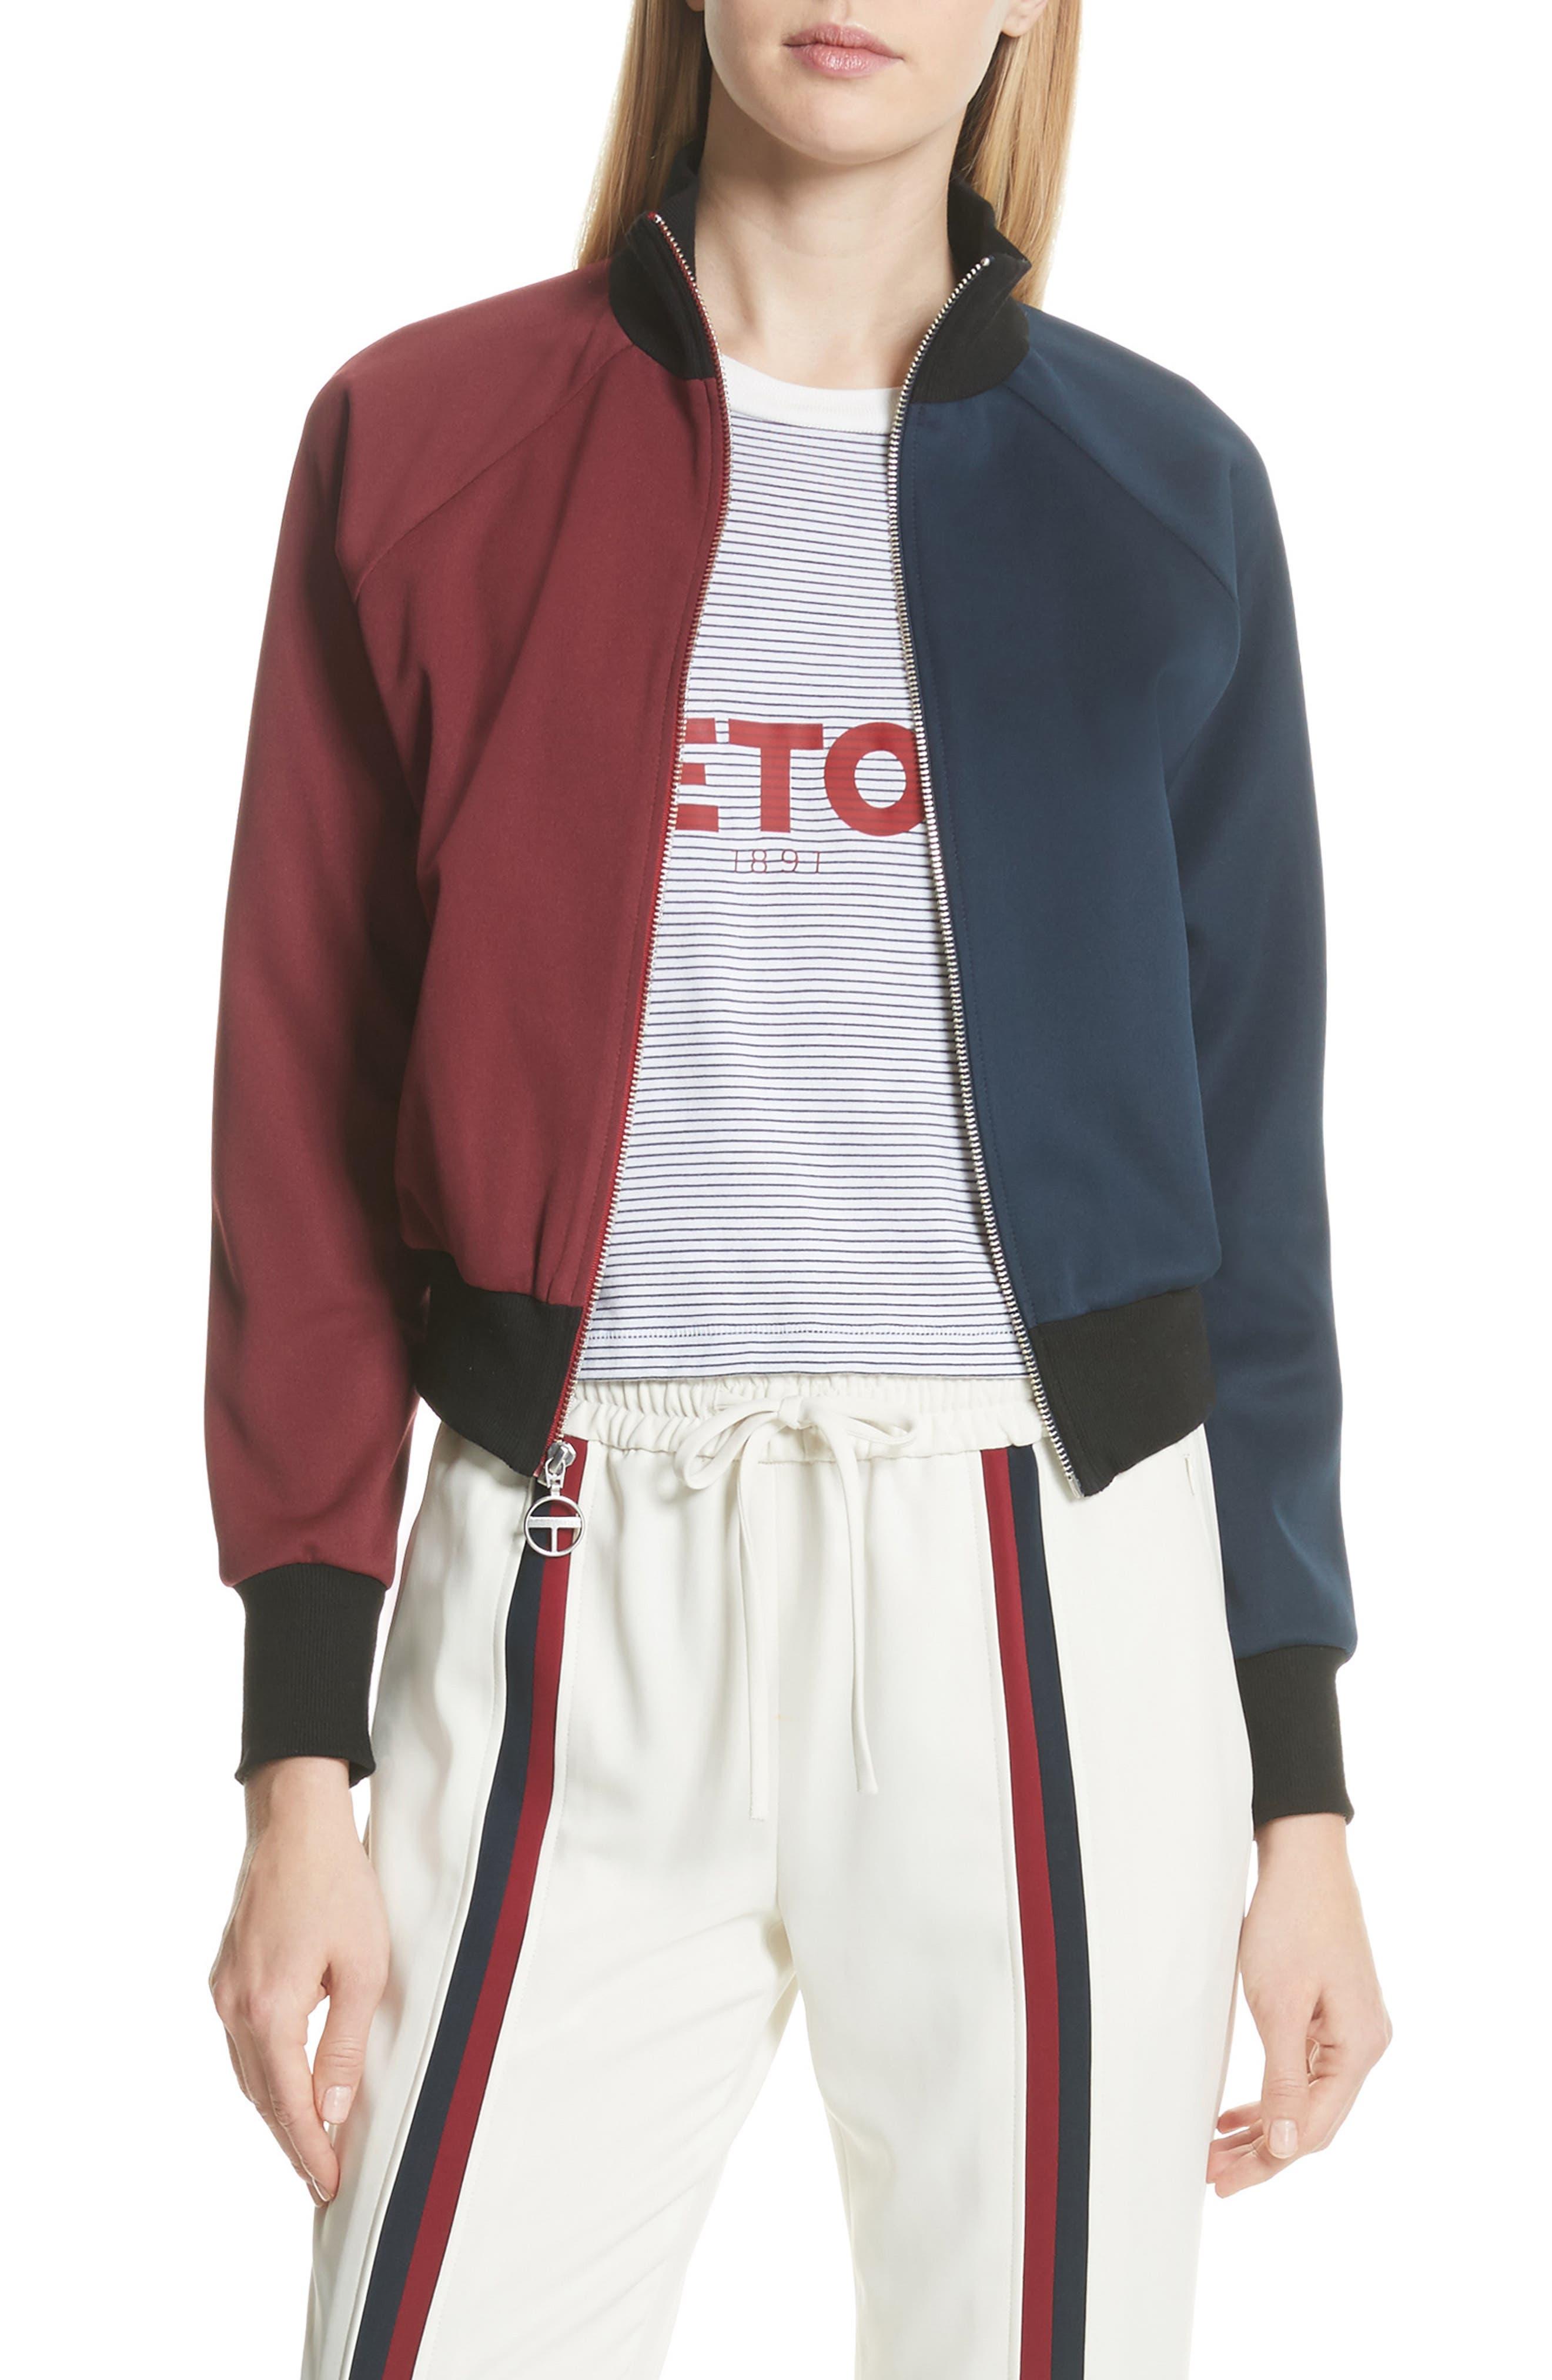 Tretorn Colorblock Zip Sweatshirt (Nordstrom Exclusive)